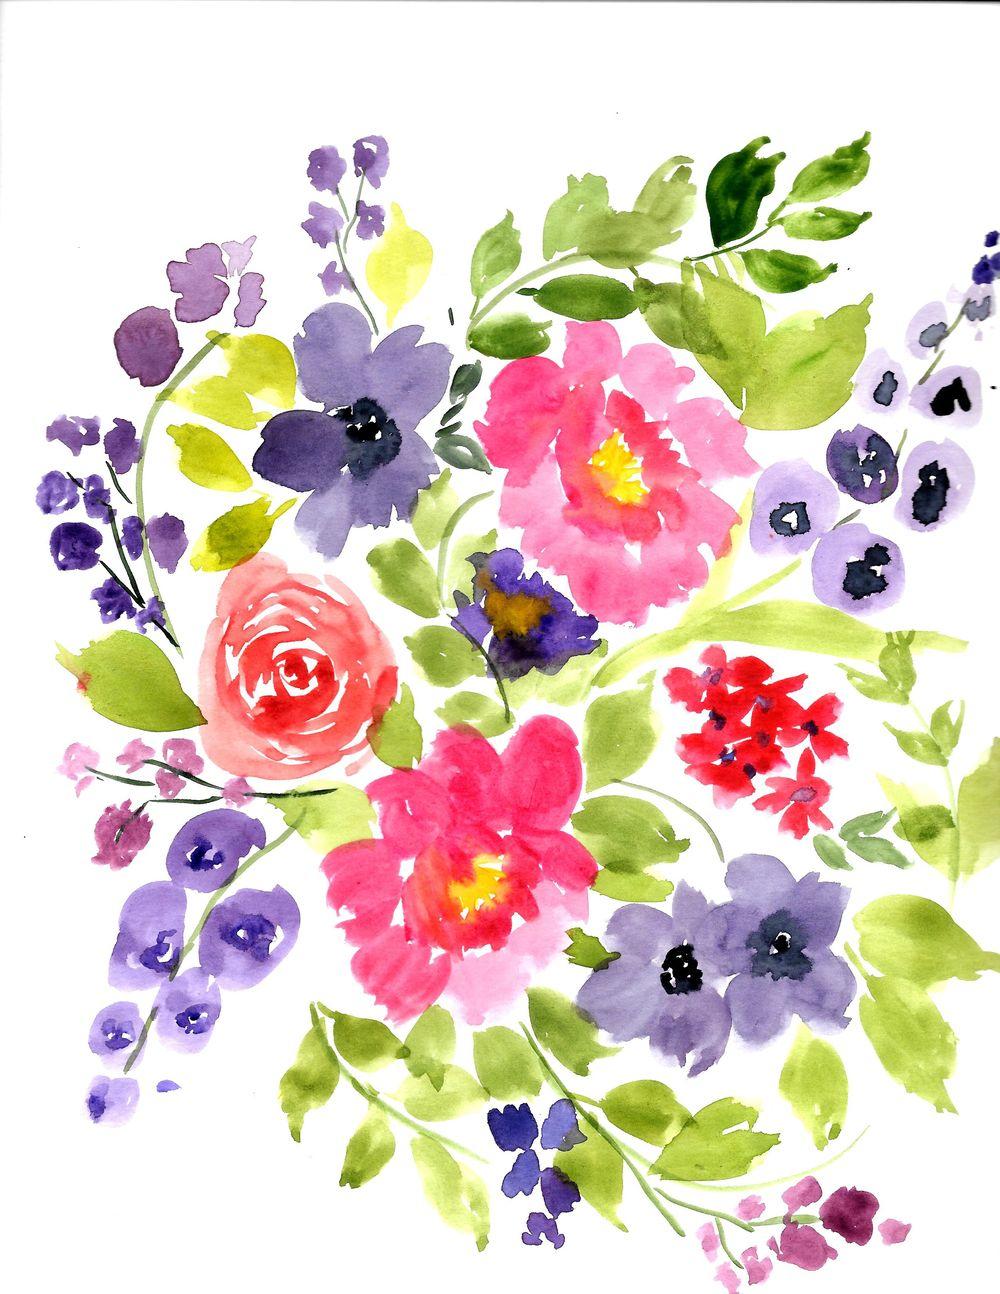 Watercolor Floral Arrangement - image 1 - student project